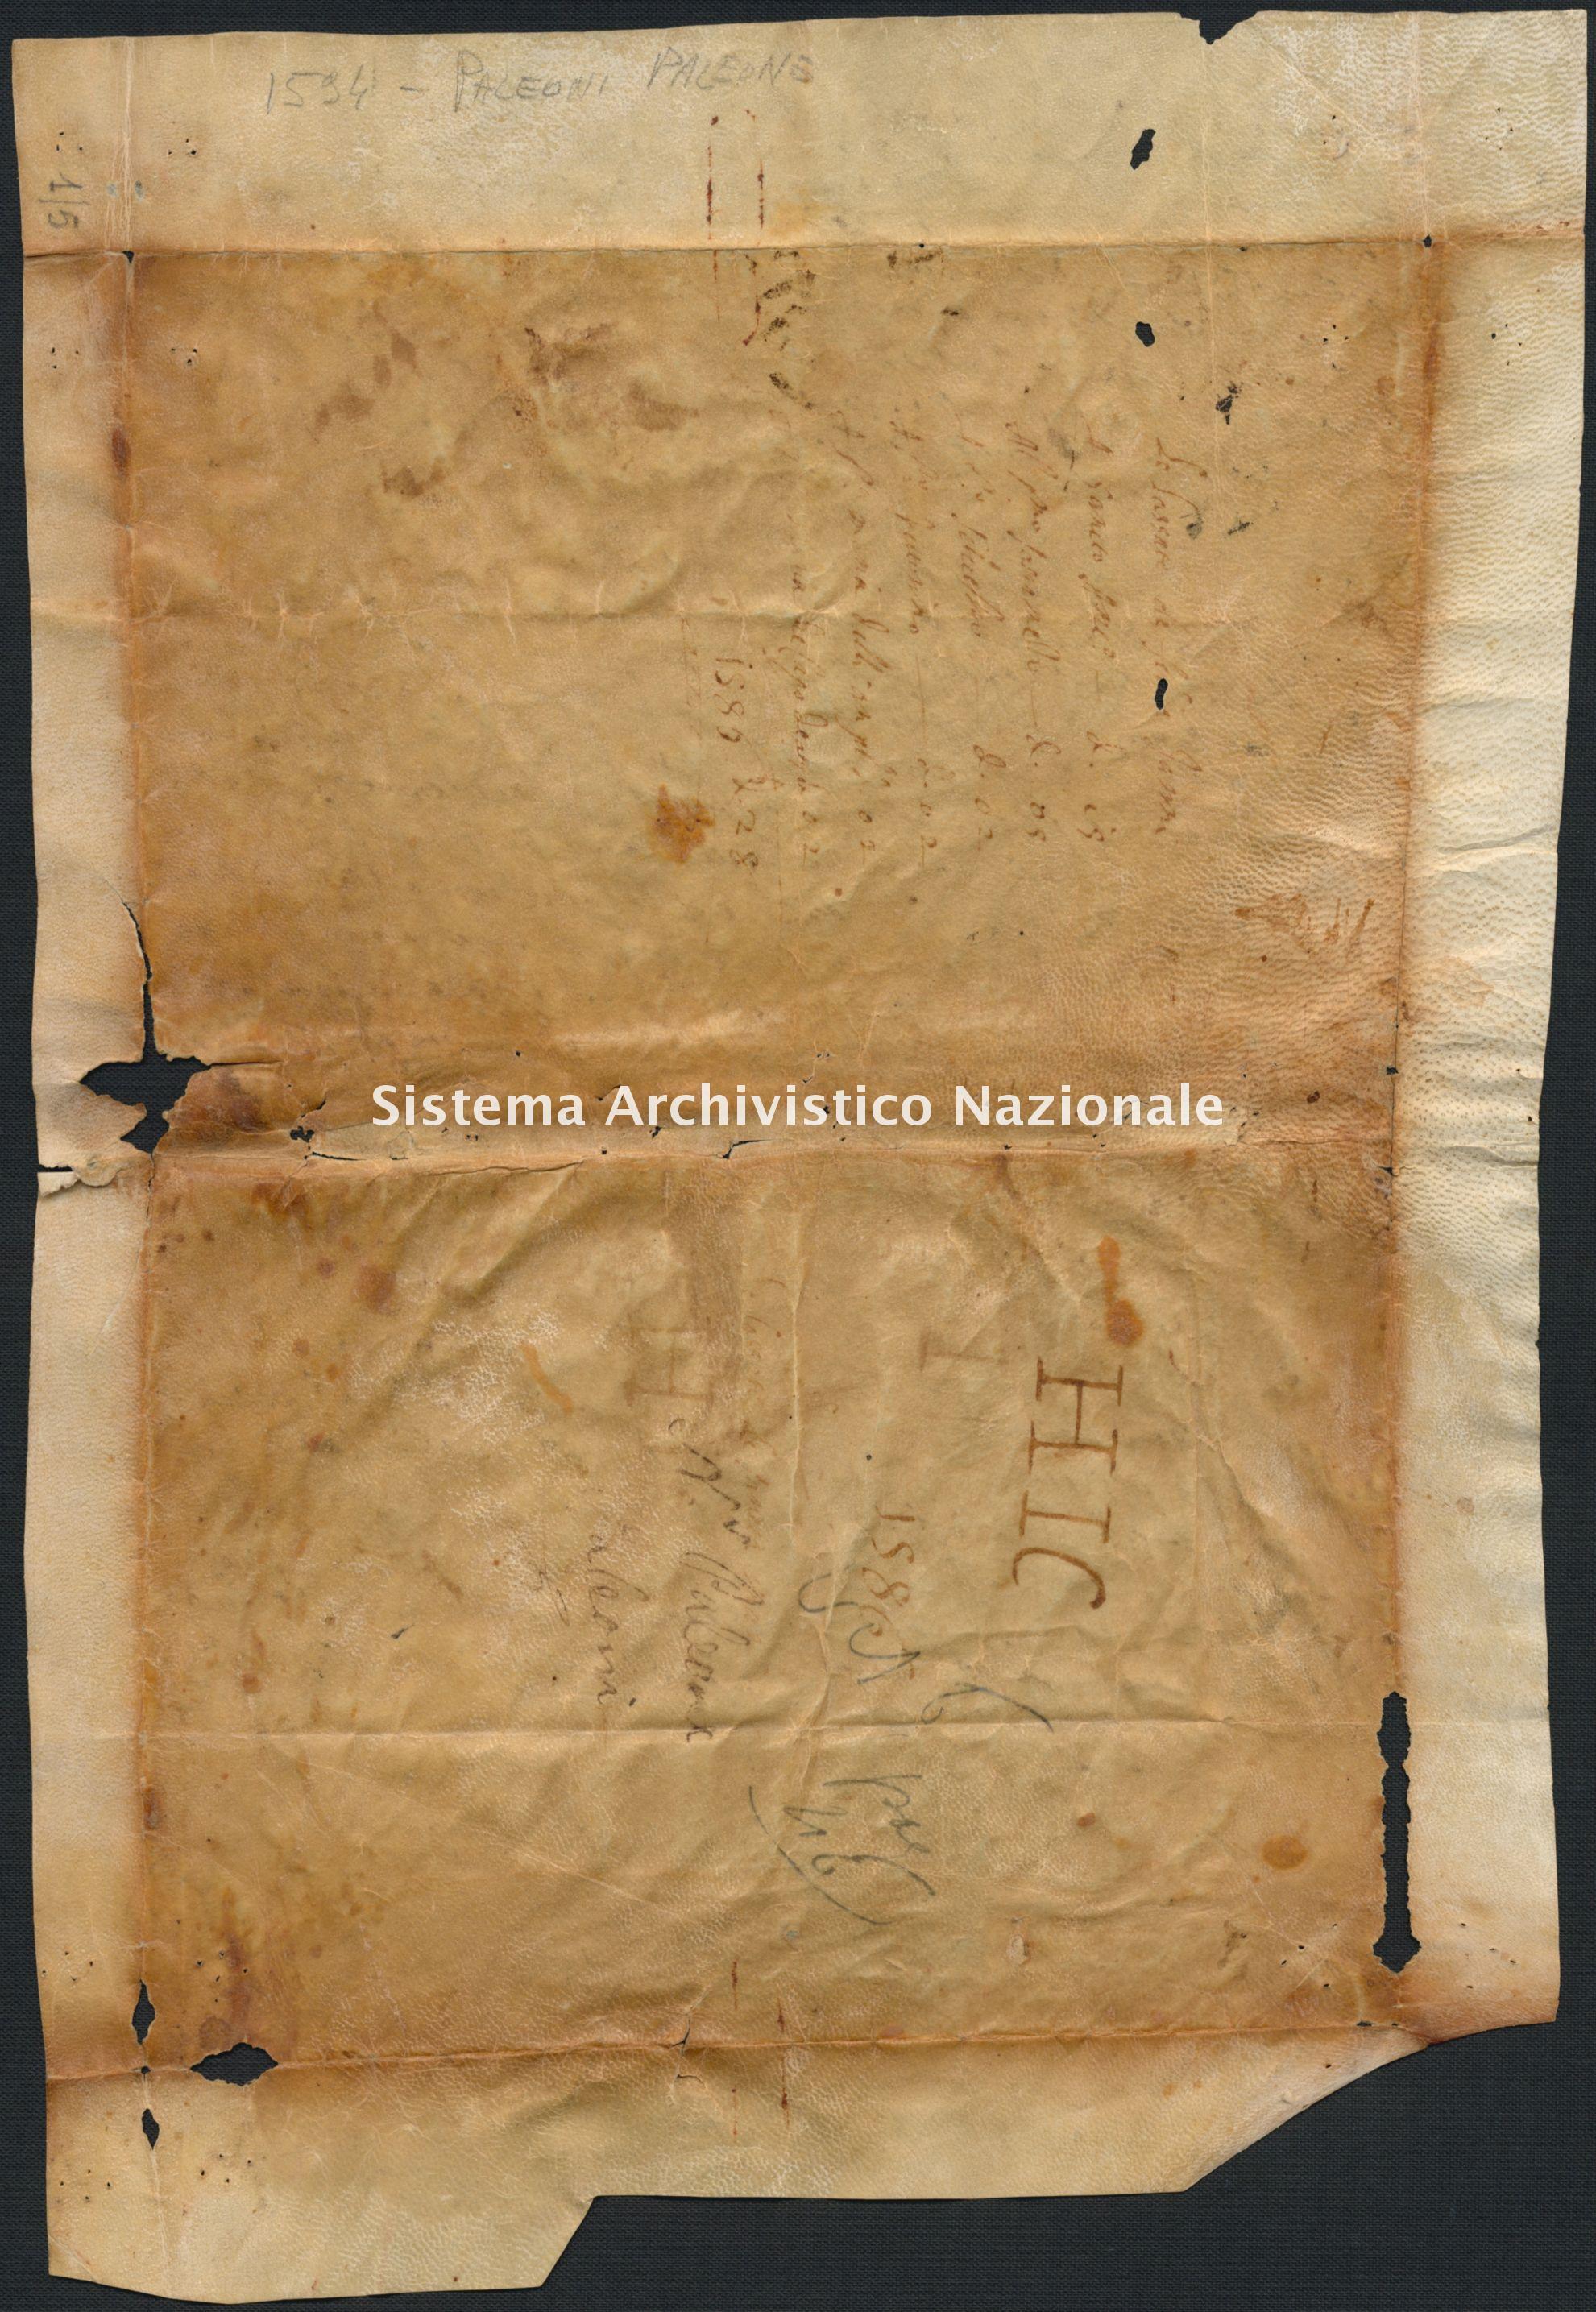 Archivio di Stato di RIETI, Pergamene provenienti dal restauro, Pergamena 01/0005